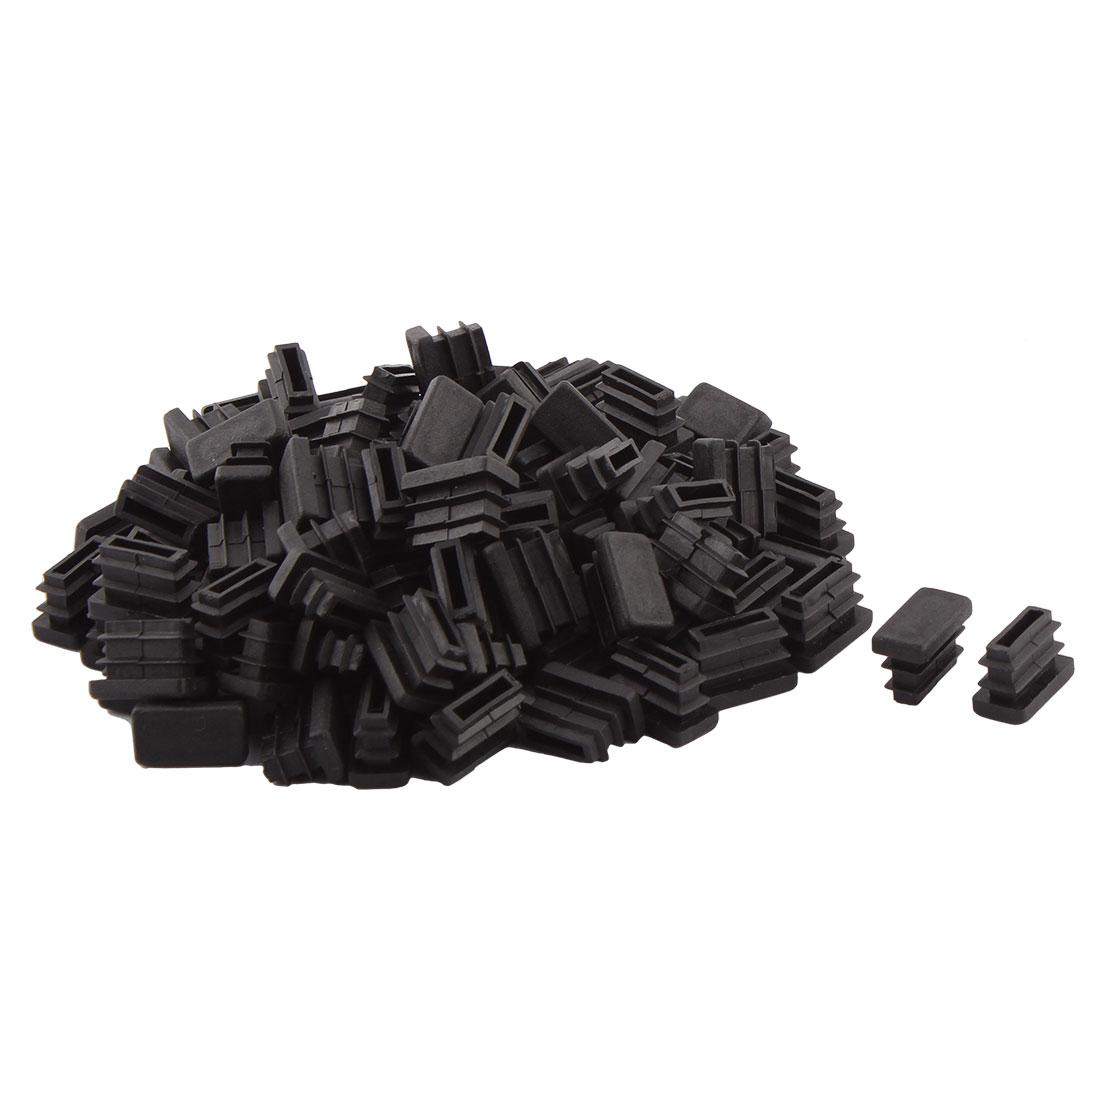 Household Plastic Rectangular Shaped Table Chair Leg Feet Tube Pipe Insert Black 20 x 10mm 100 PCS